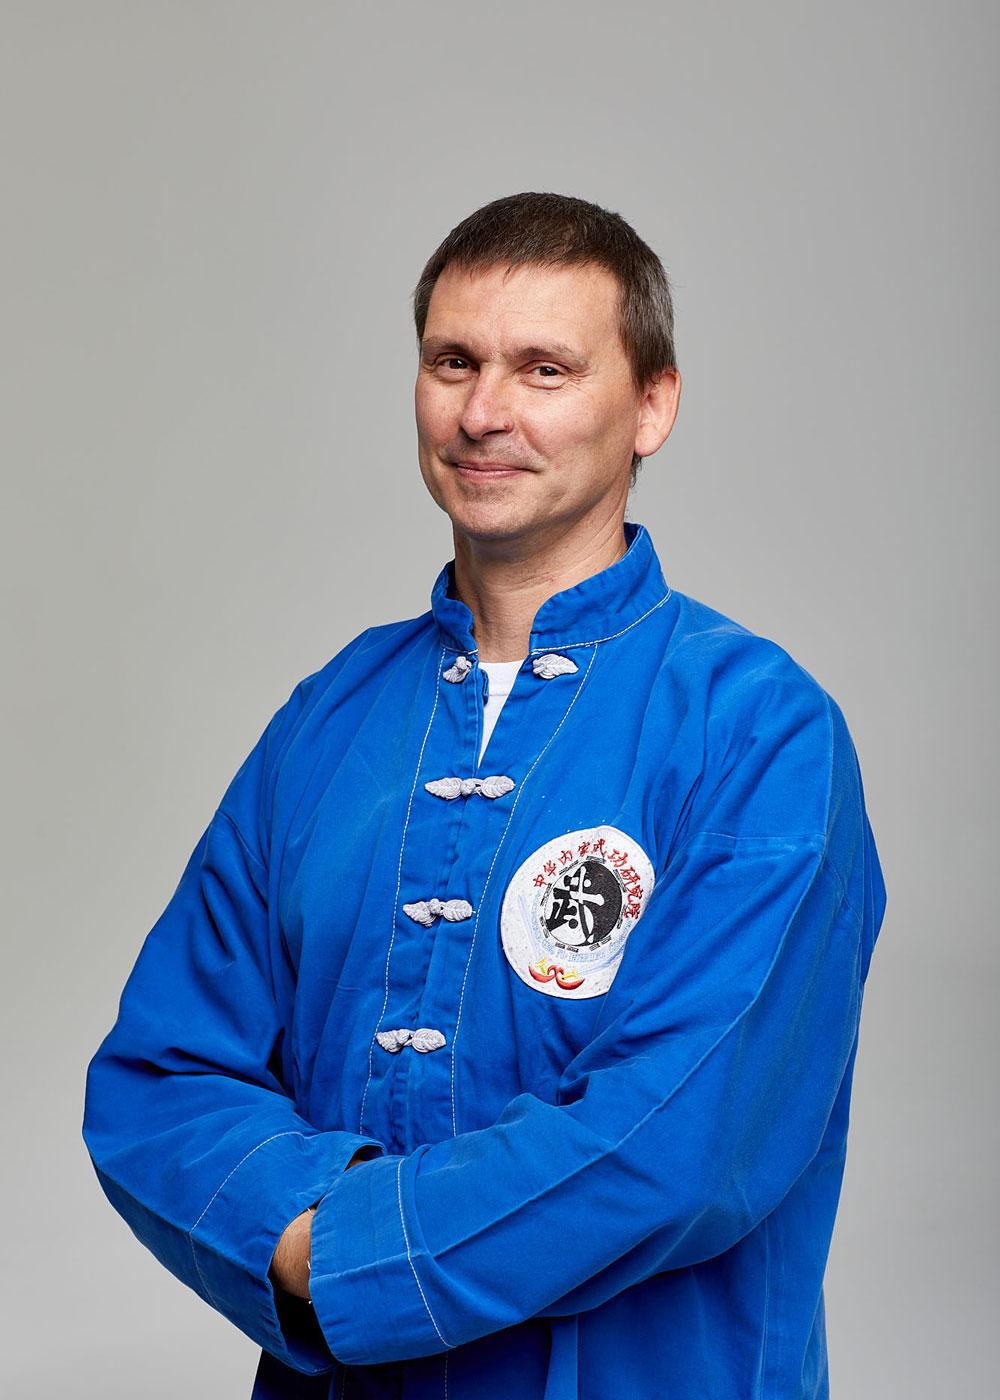 Paolo Castagna